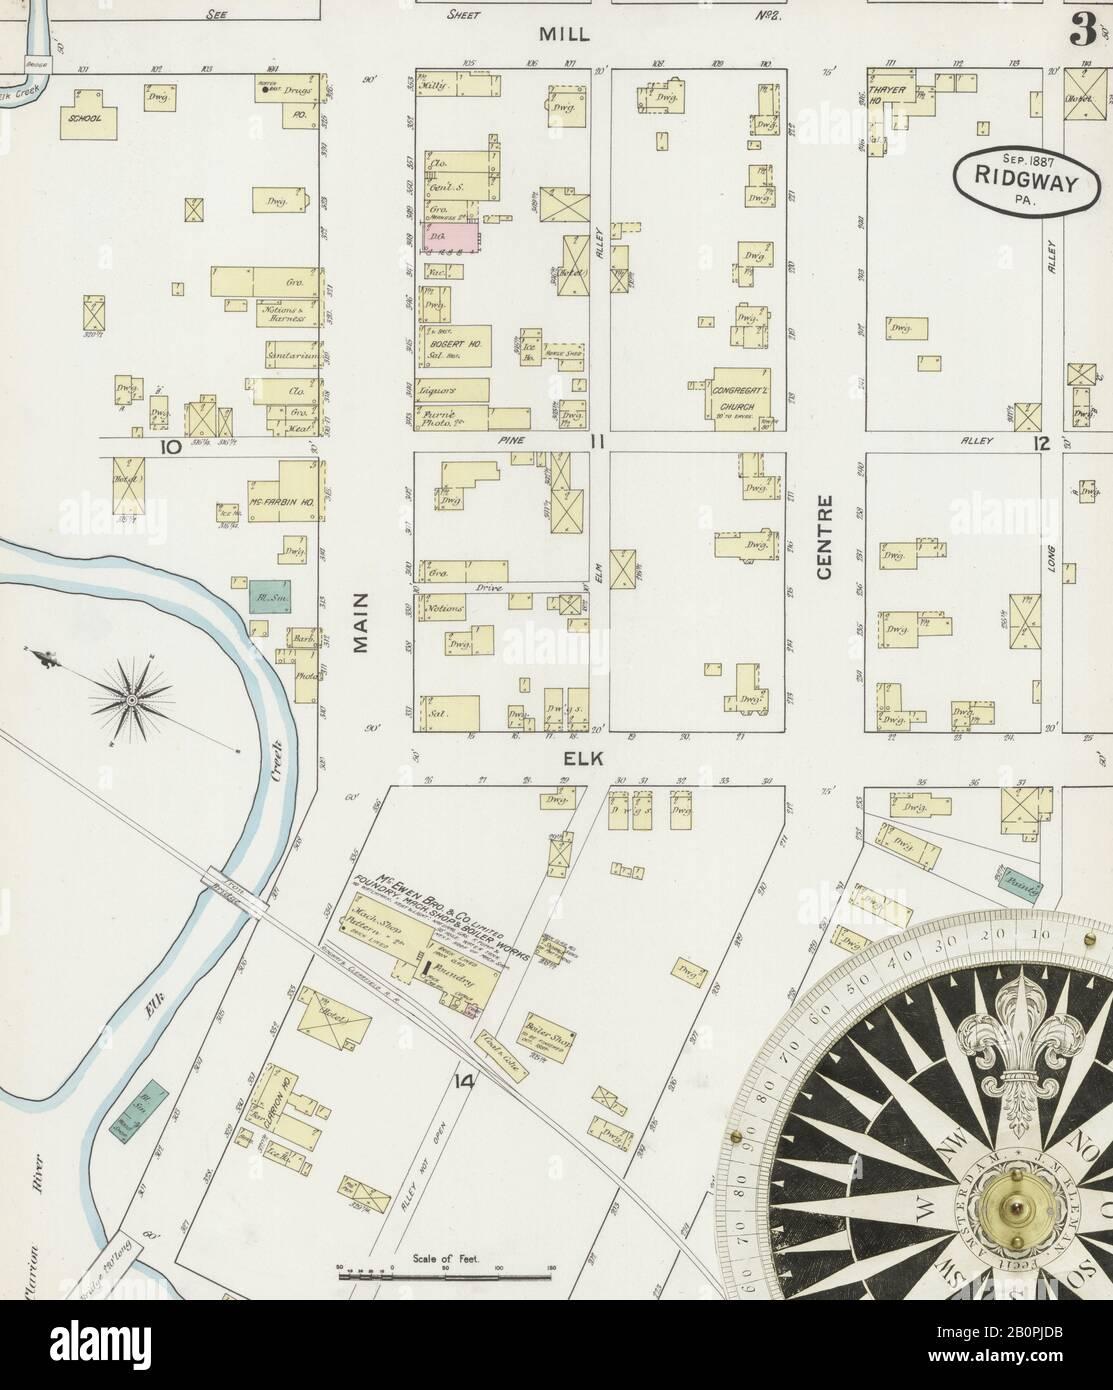 Image 3 De La Carte D'Assurance-Incendie Sanborn De Ridgway, Comté D'Elk, Pennsylvanie. Sept. 1887. 5 feuille(s), Amérique, plan de rue avec un compas du dix-neuvième siècle Banque D'Images